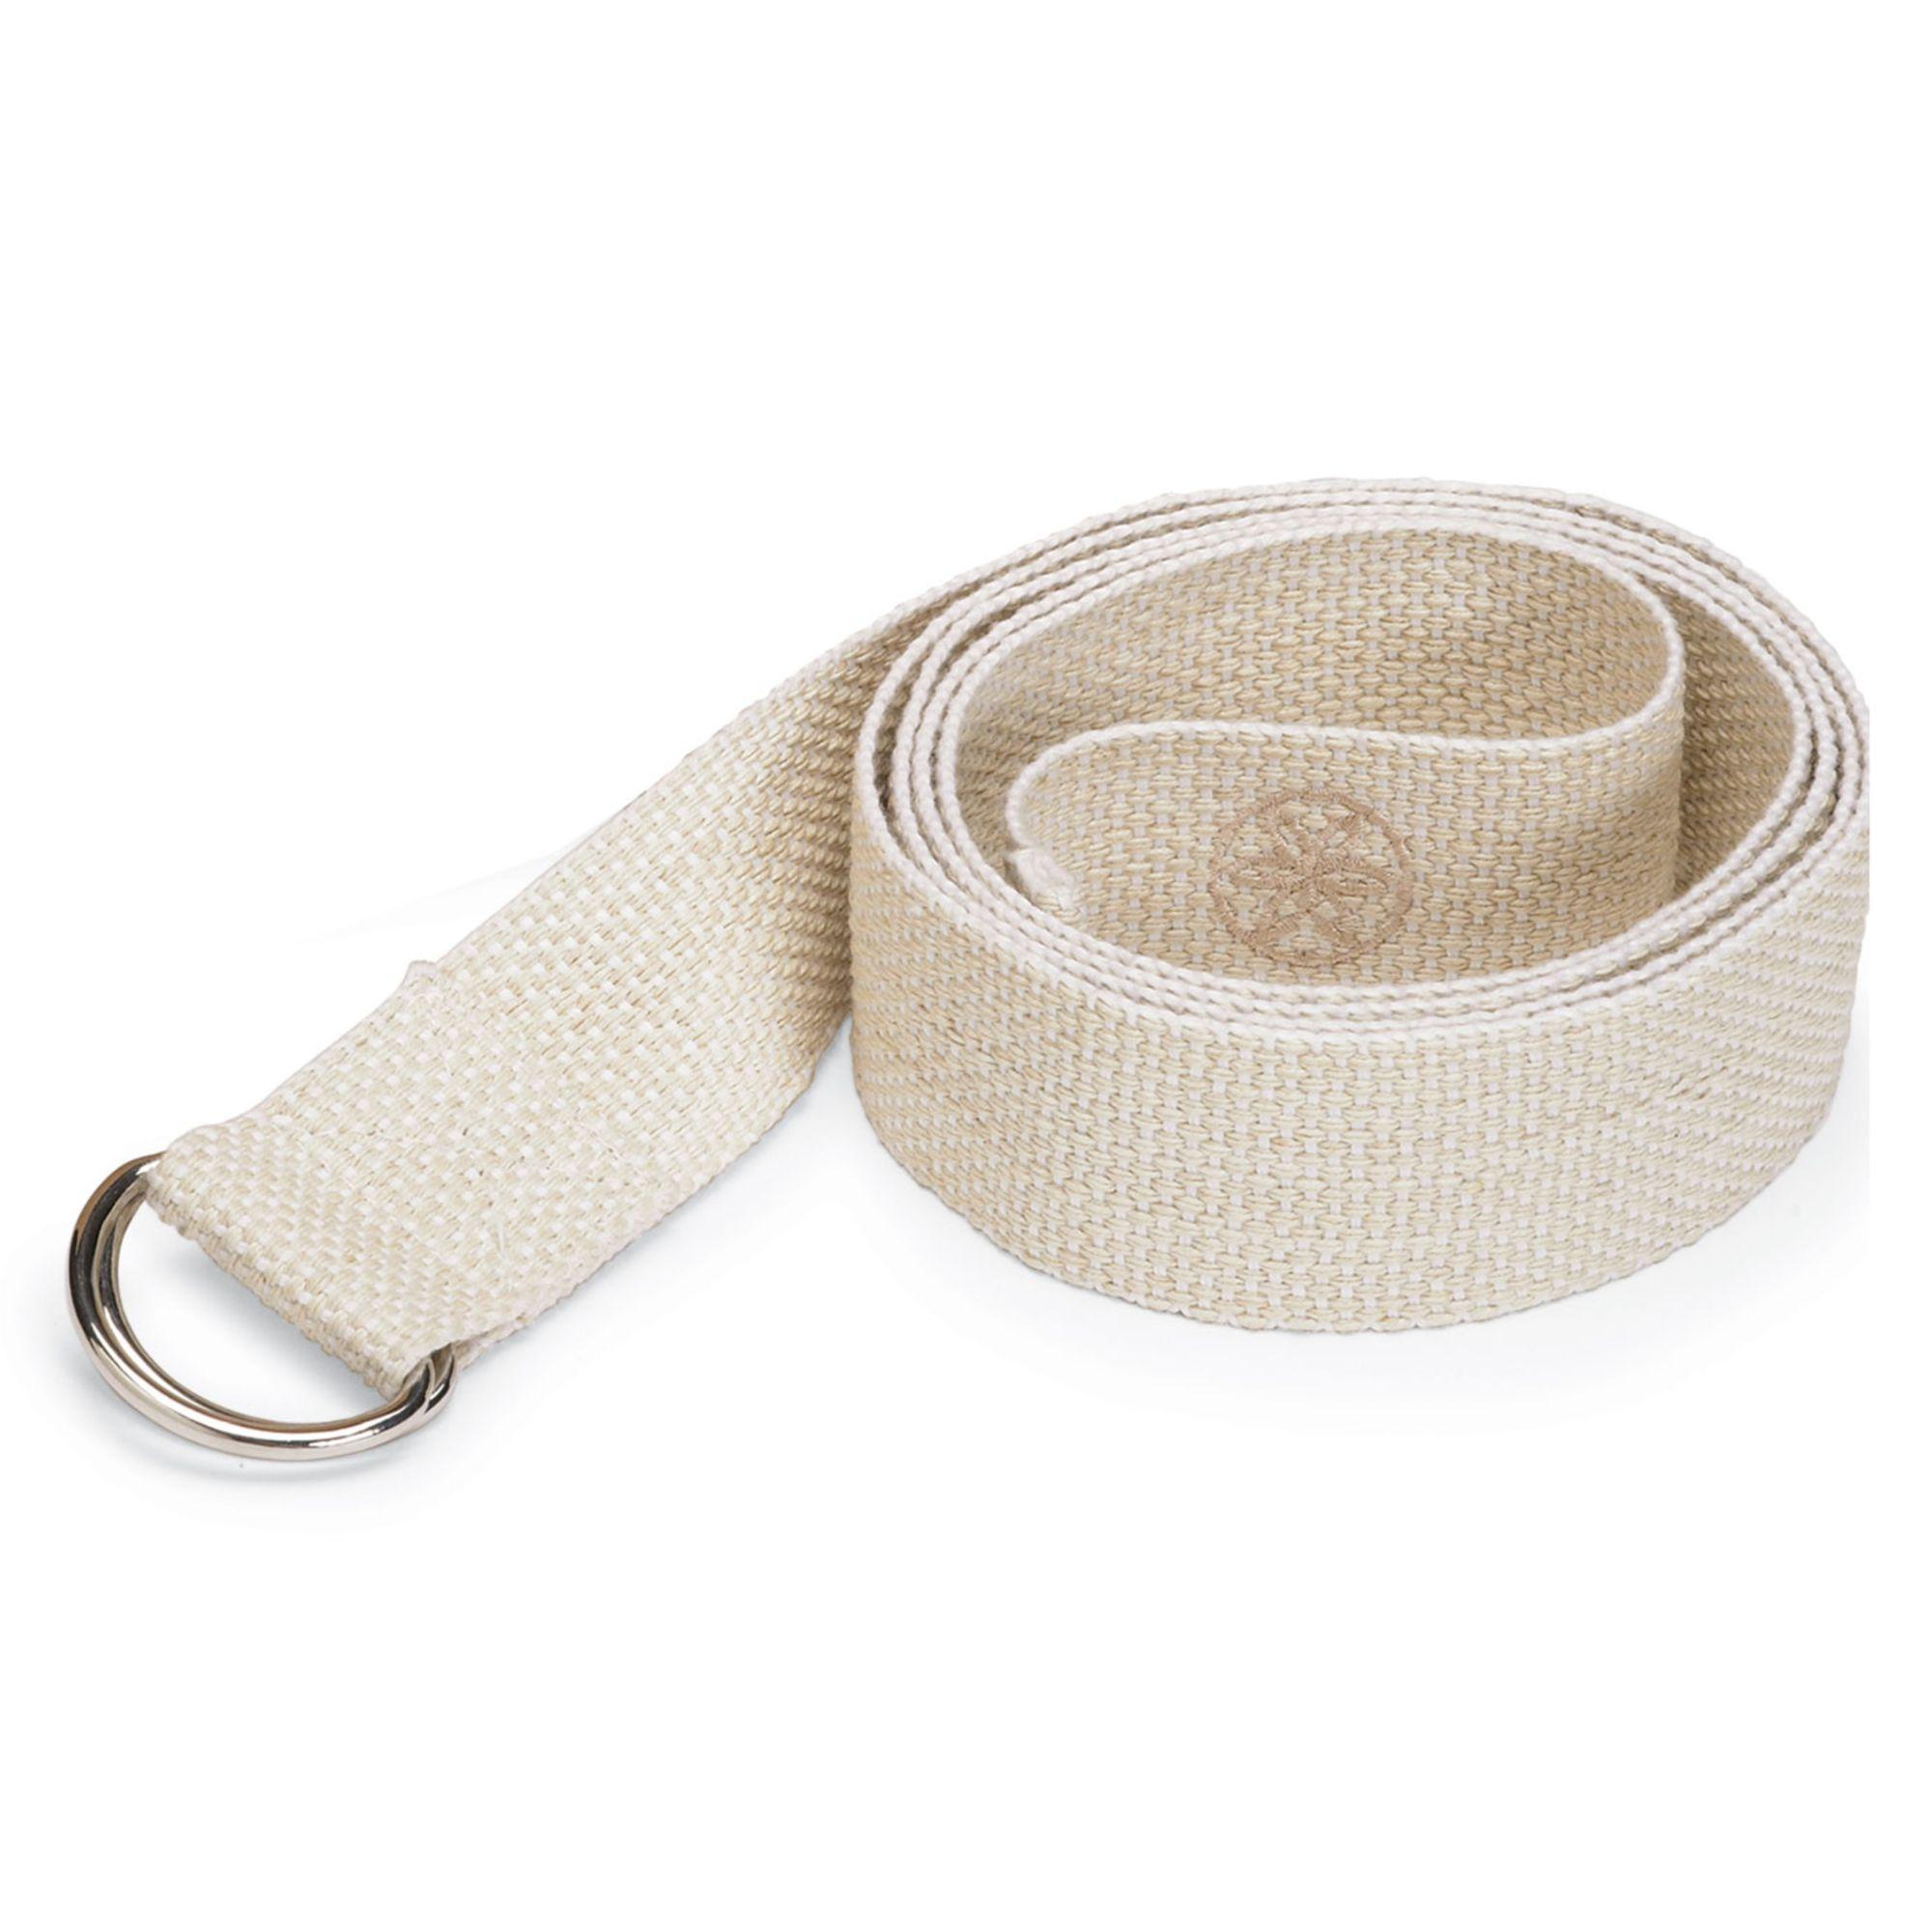 Gaiam Gaiam 6 Cotton Yoga Strap, Cream